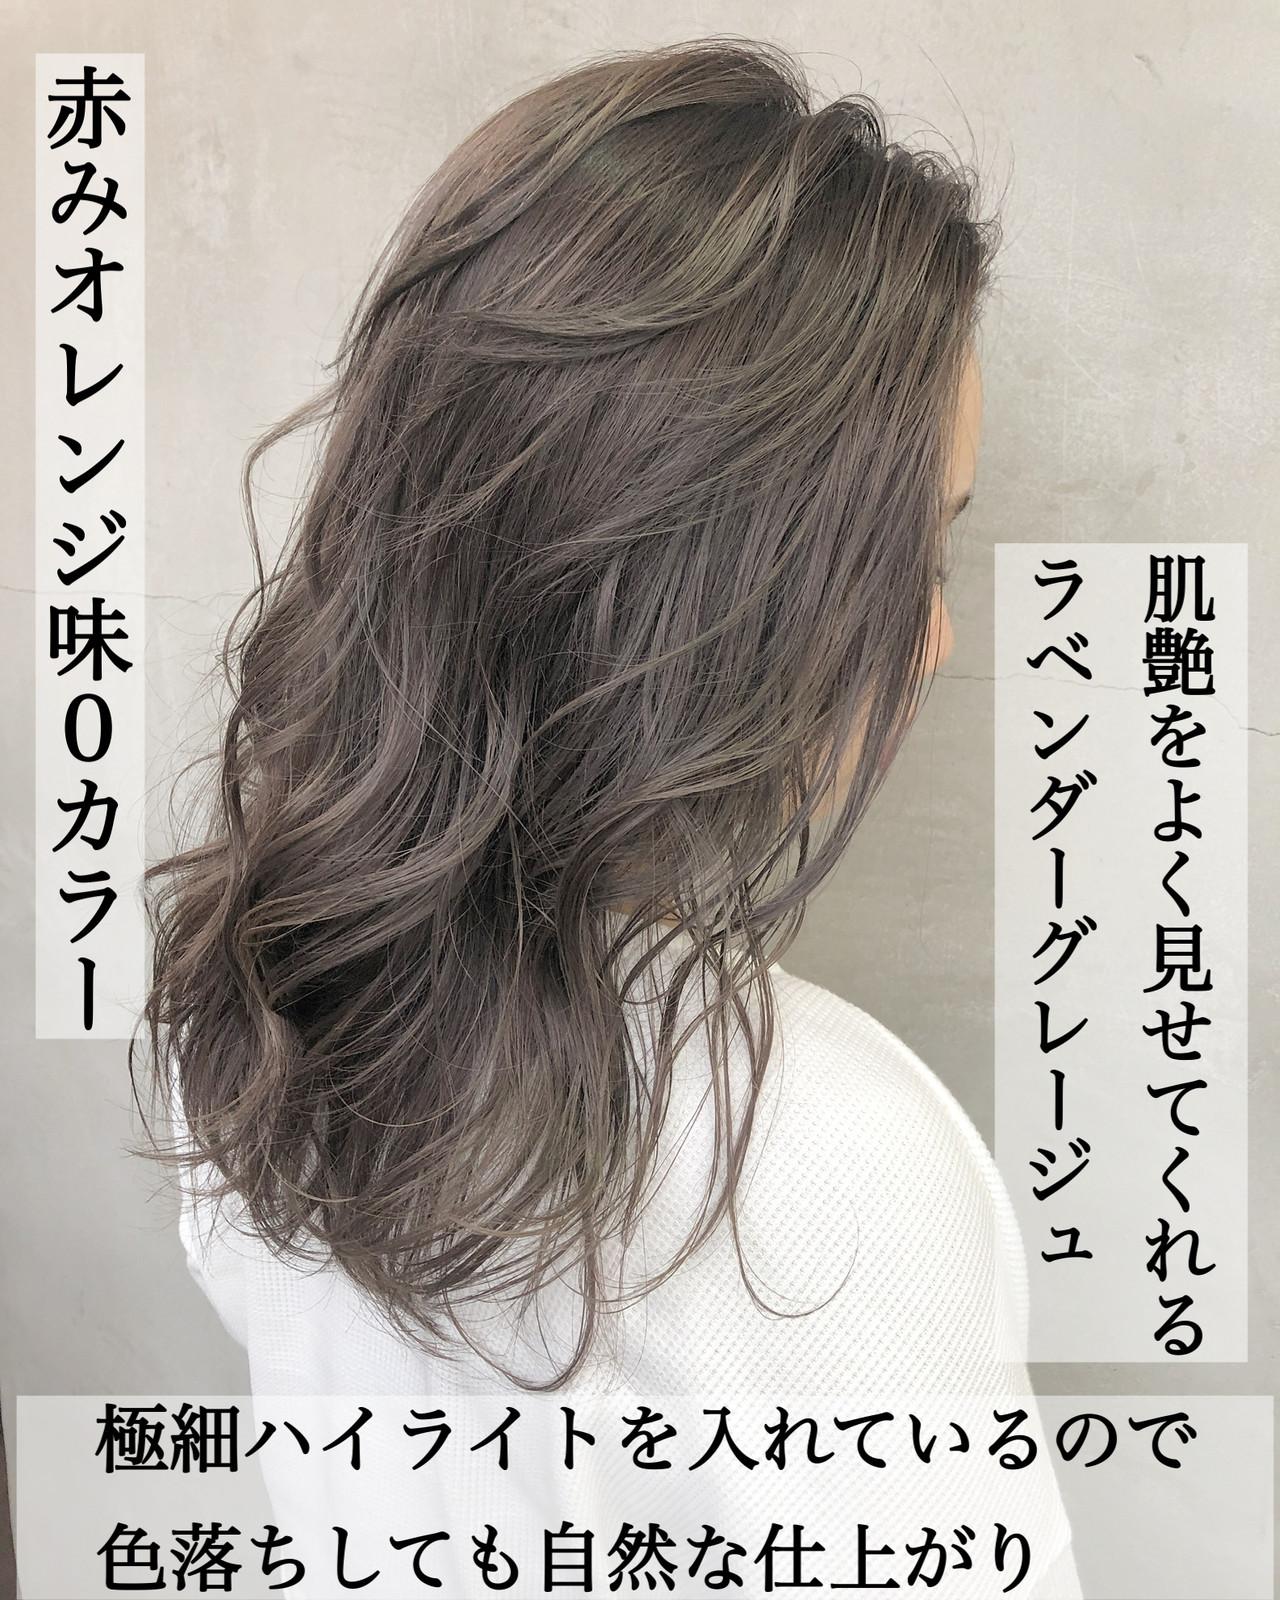 ナチュラル セミロング ヘアアレンジ デート ヘアスタイルや髪型の写真・画像 | 北間 寛哉 ブリーチなし/ KILLA / KILLA 原宿 表参道